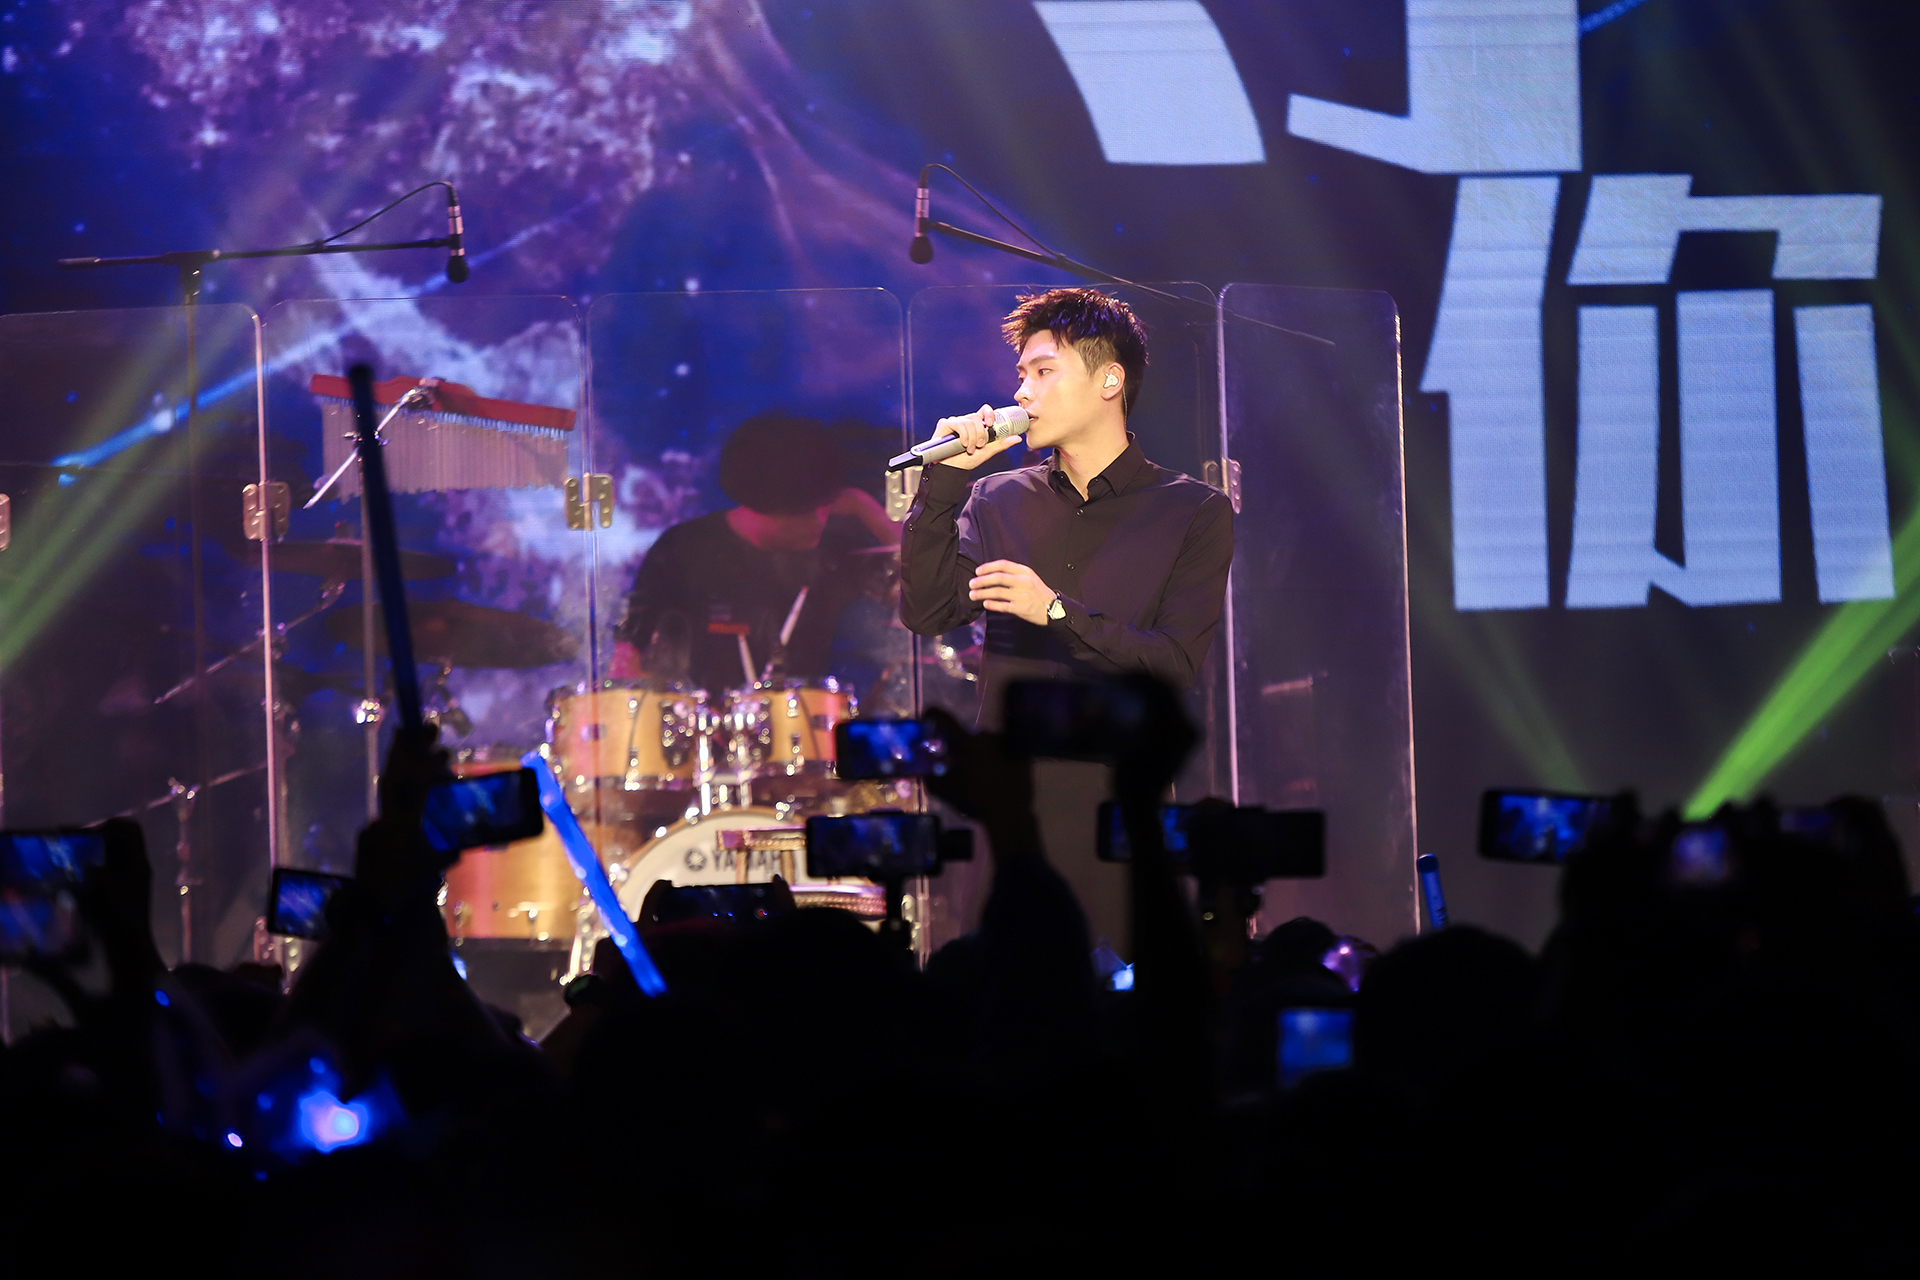 隔壁老樊巡回演唱会上海开唱  实力现场掀起合唱热潮